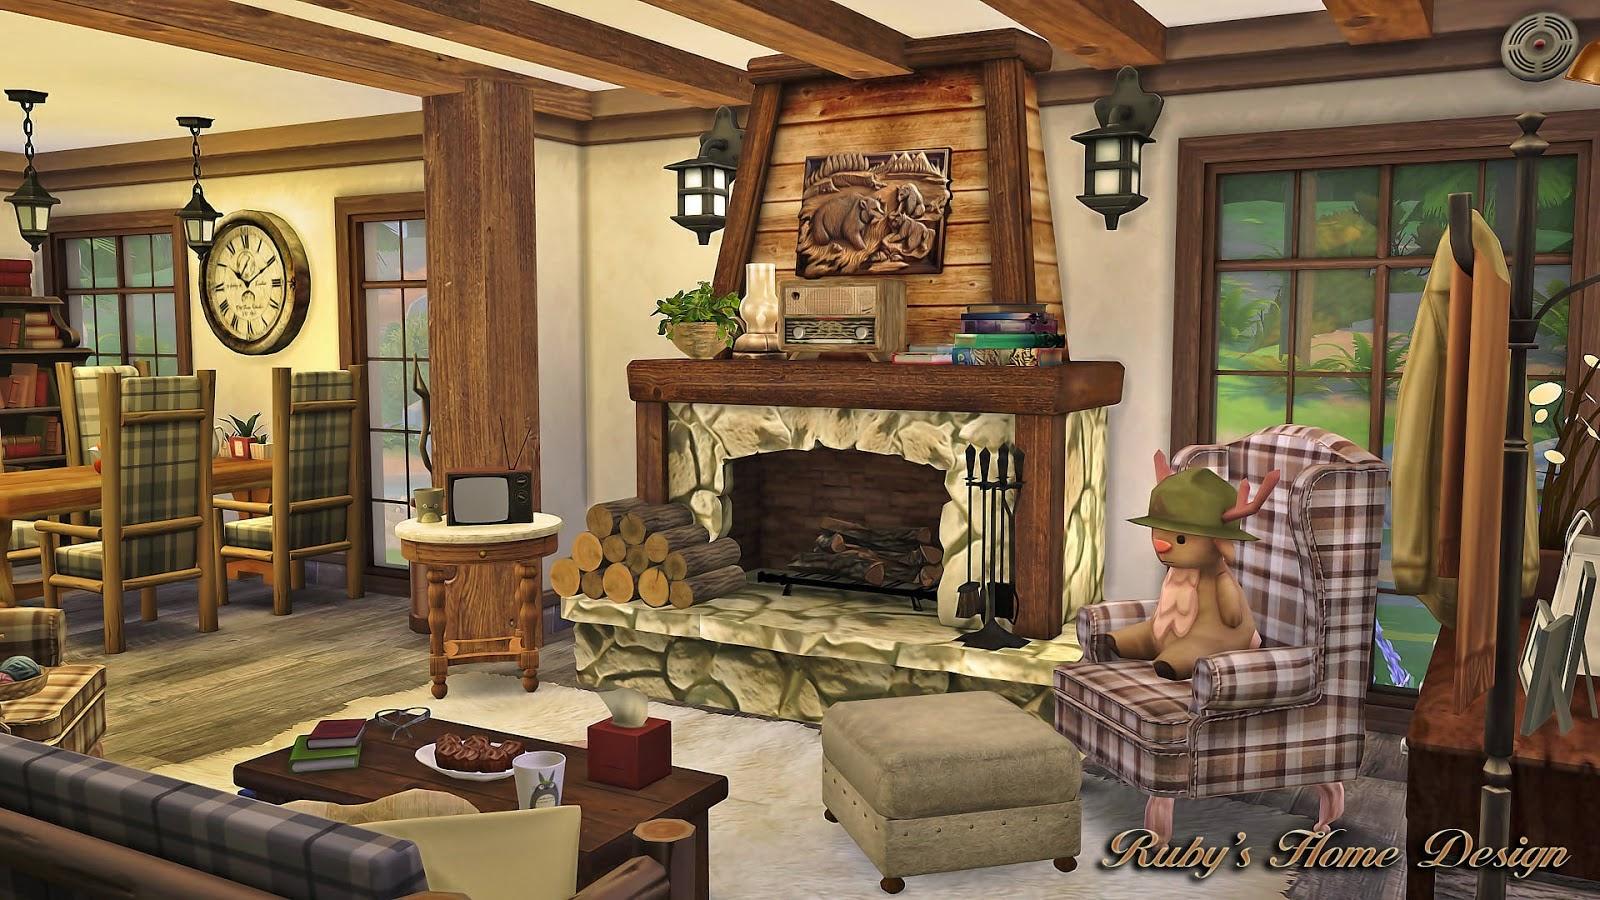 Image Result For Rubys Home Designa